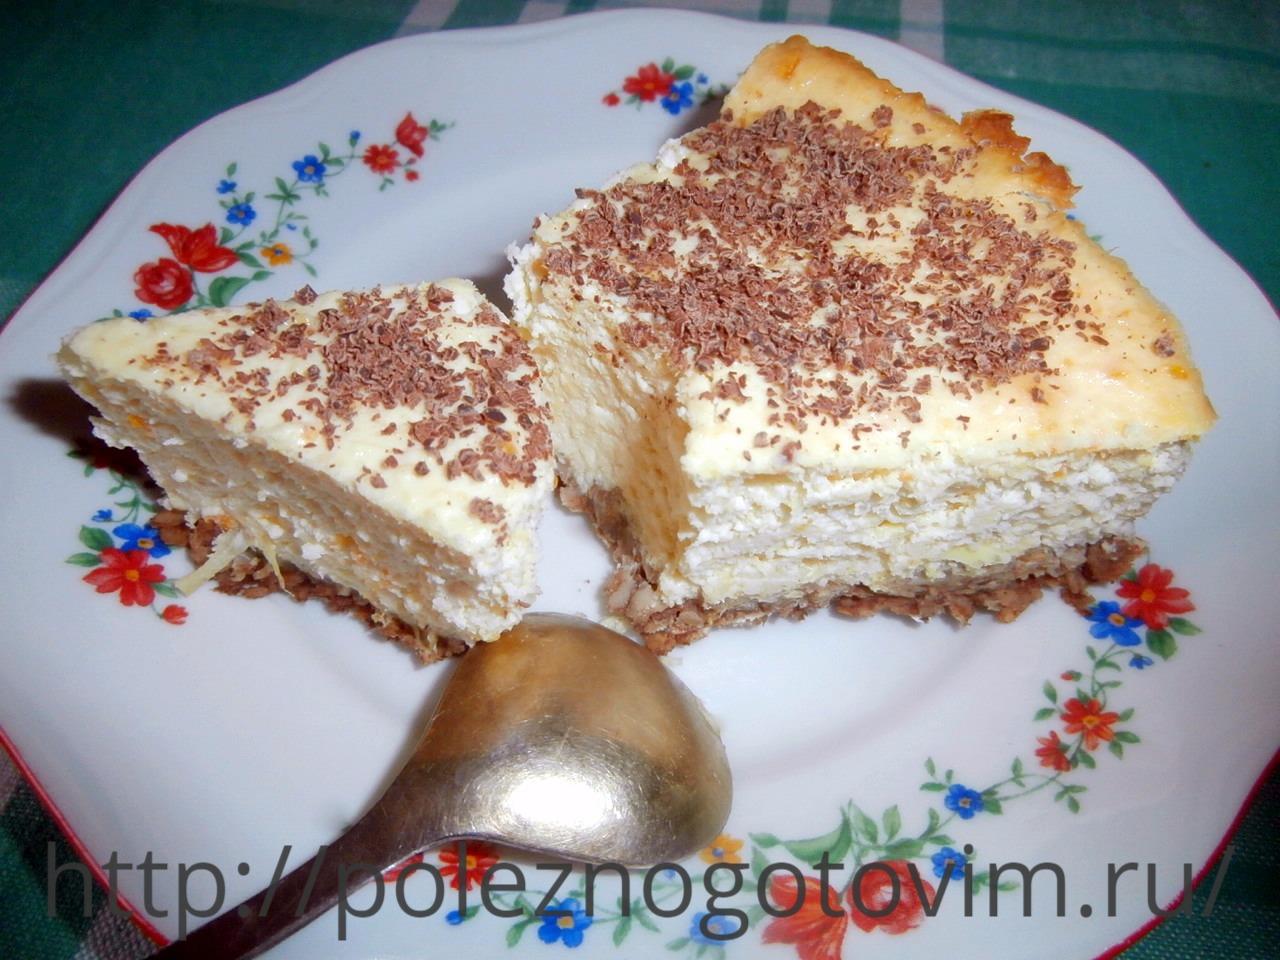 Домашний чизкейк из творога рецепт пошагово в духовке